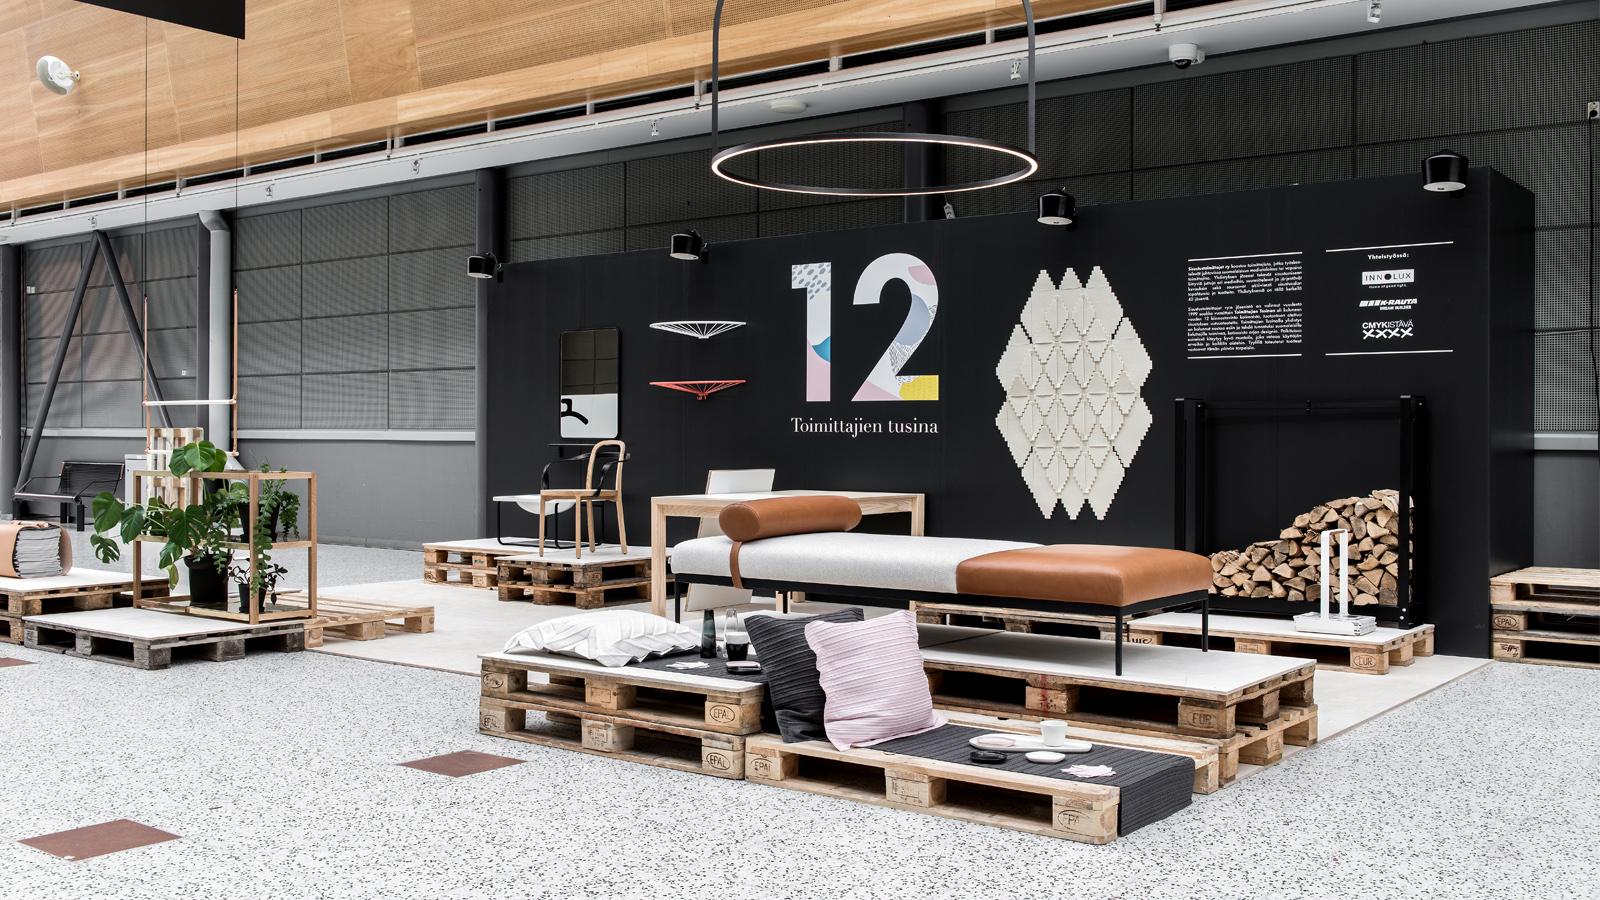 Habitare Press Release Editors Choices Finnish Design